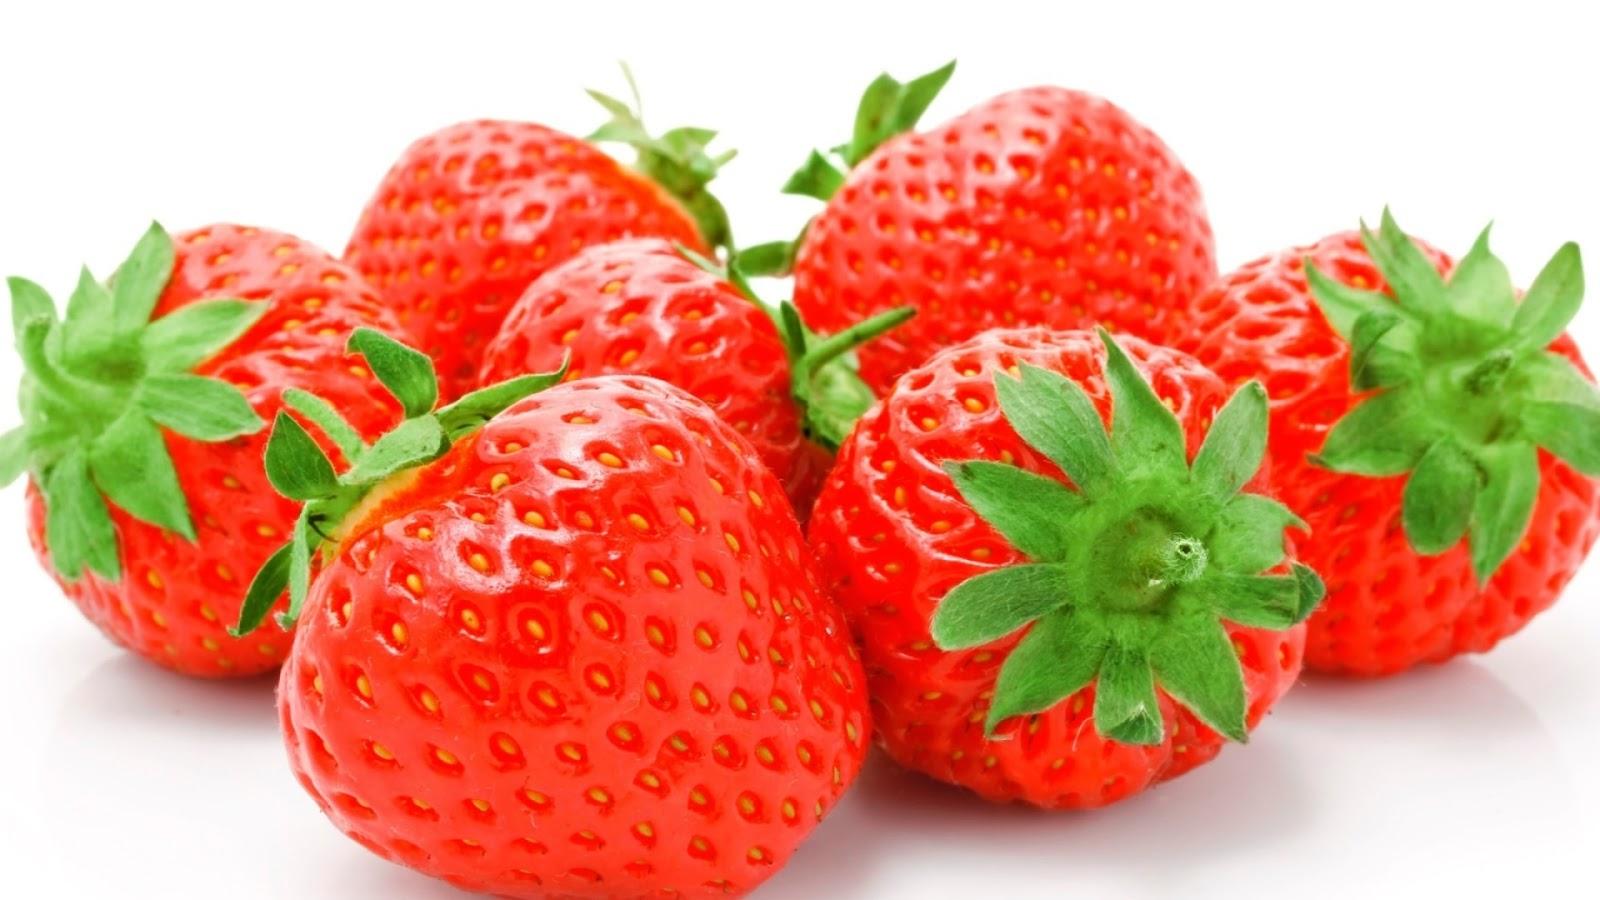 Manfaat Lengkap Stroberi untuk Kesehatan dan Kecantikan